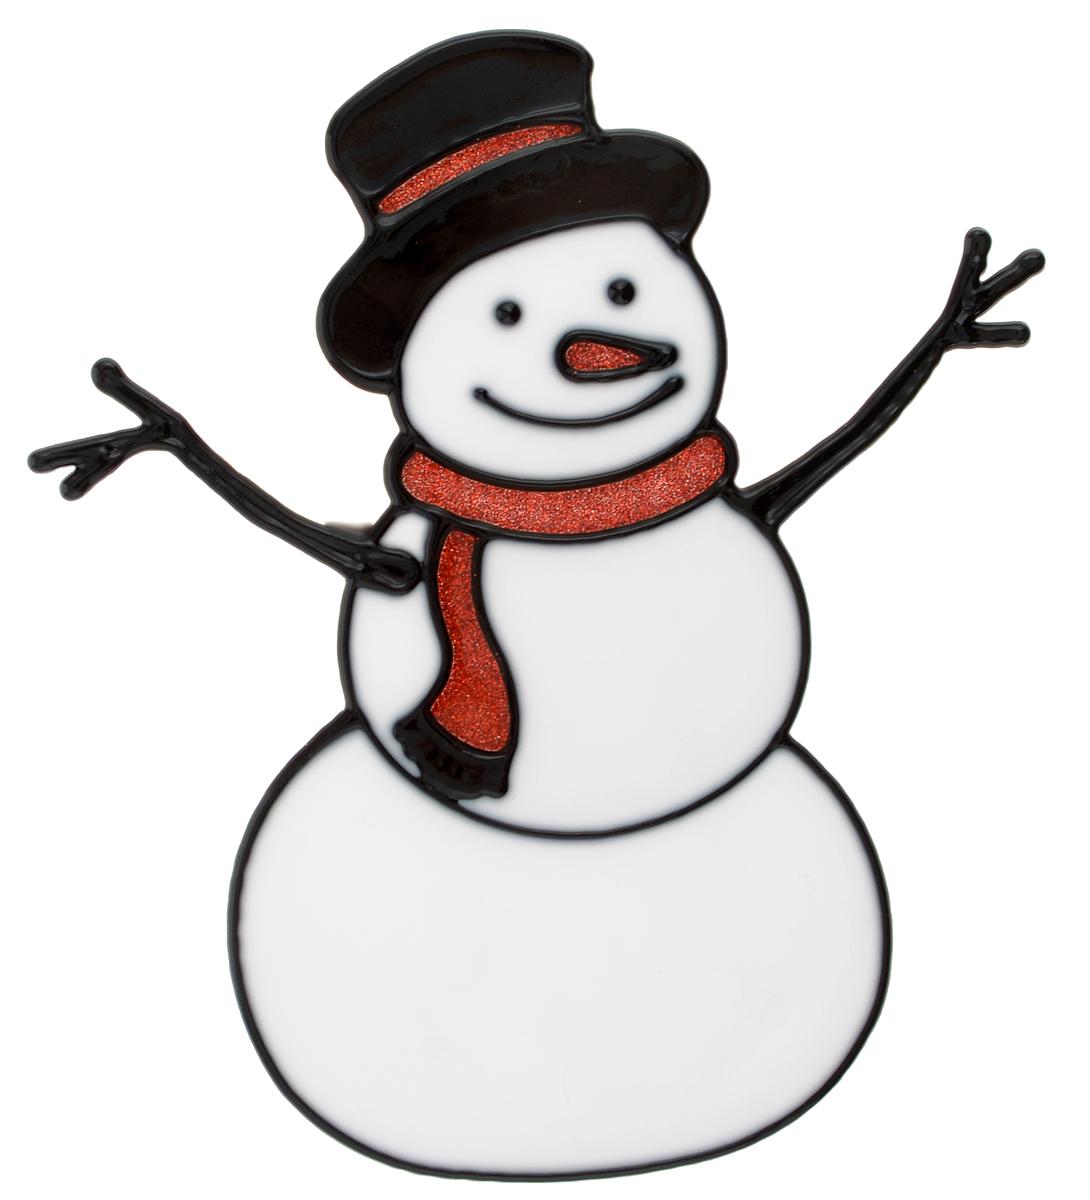 Наклейка на окно Erich Krause Снеговичок, 14,5 х 16 см38179Наклейка на окно Erich Krause Снеговичок выполнена в виде снеговика с красным шарфиком. С помощью больших витражных наклеек на окно Erich Krause можно составлять на стекле целые зимние сюжеты, которые будут радовать глаз, и поднимать настроение в праздничные дни! Так же Вы можете преподнести этот сувенир в качестве мини-презента коллегам, близким и друзьям с пожеланиями счастливого Нового Года! Размер наклейки: 14,5 х 16 см